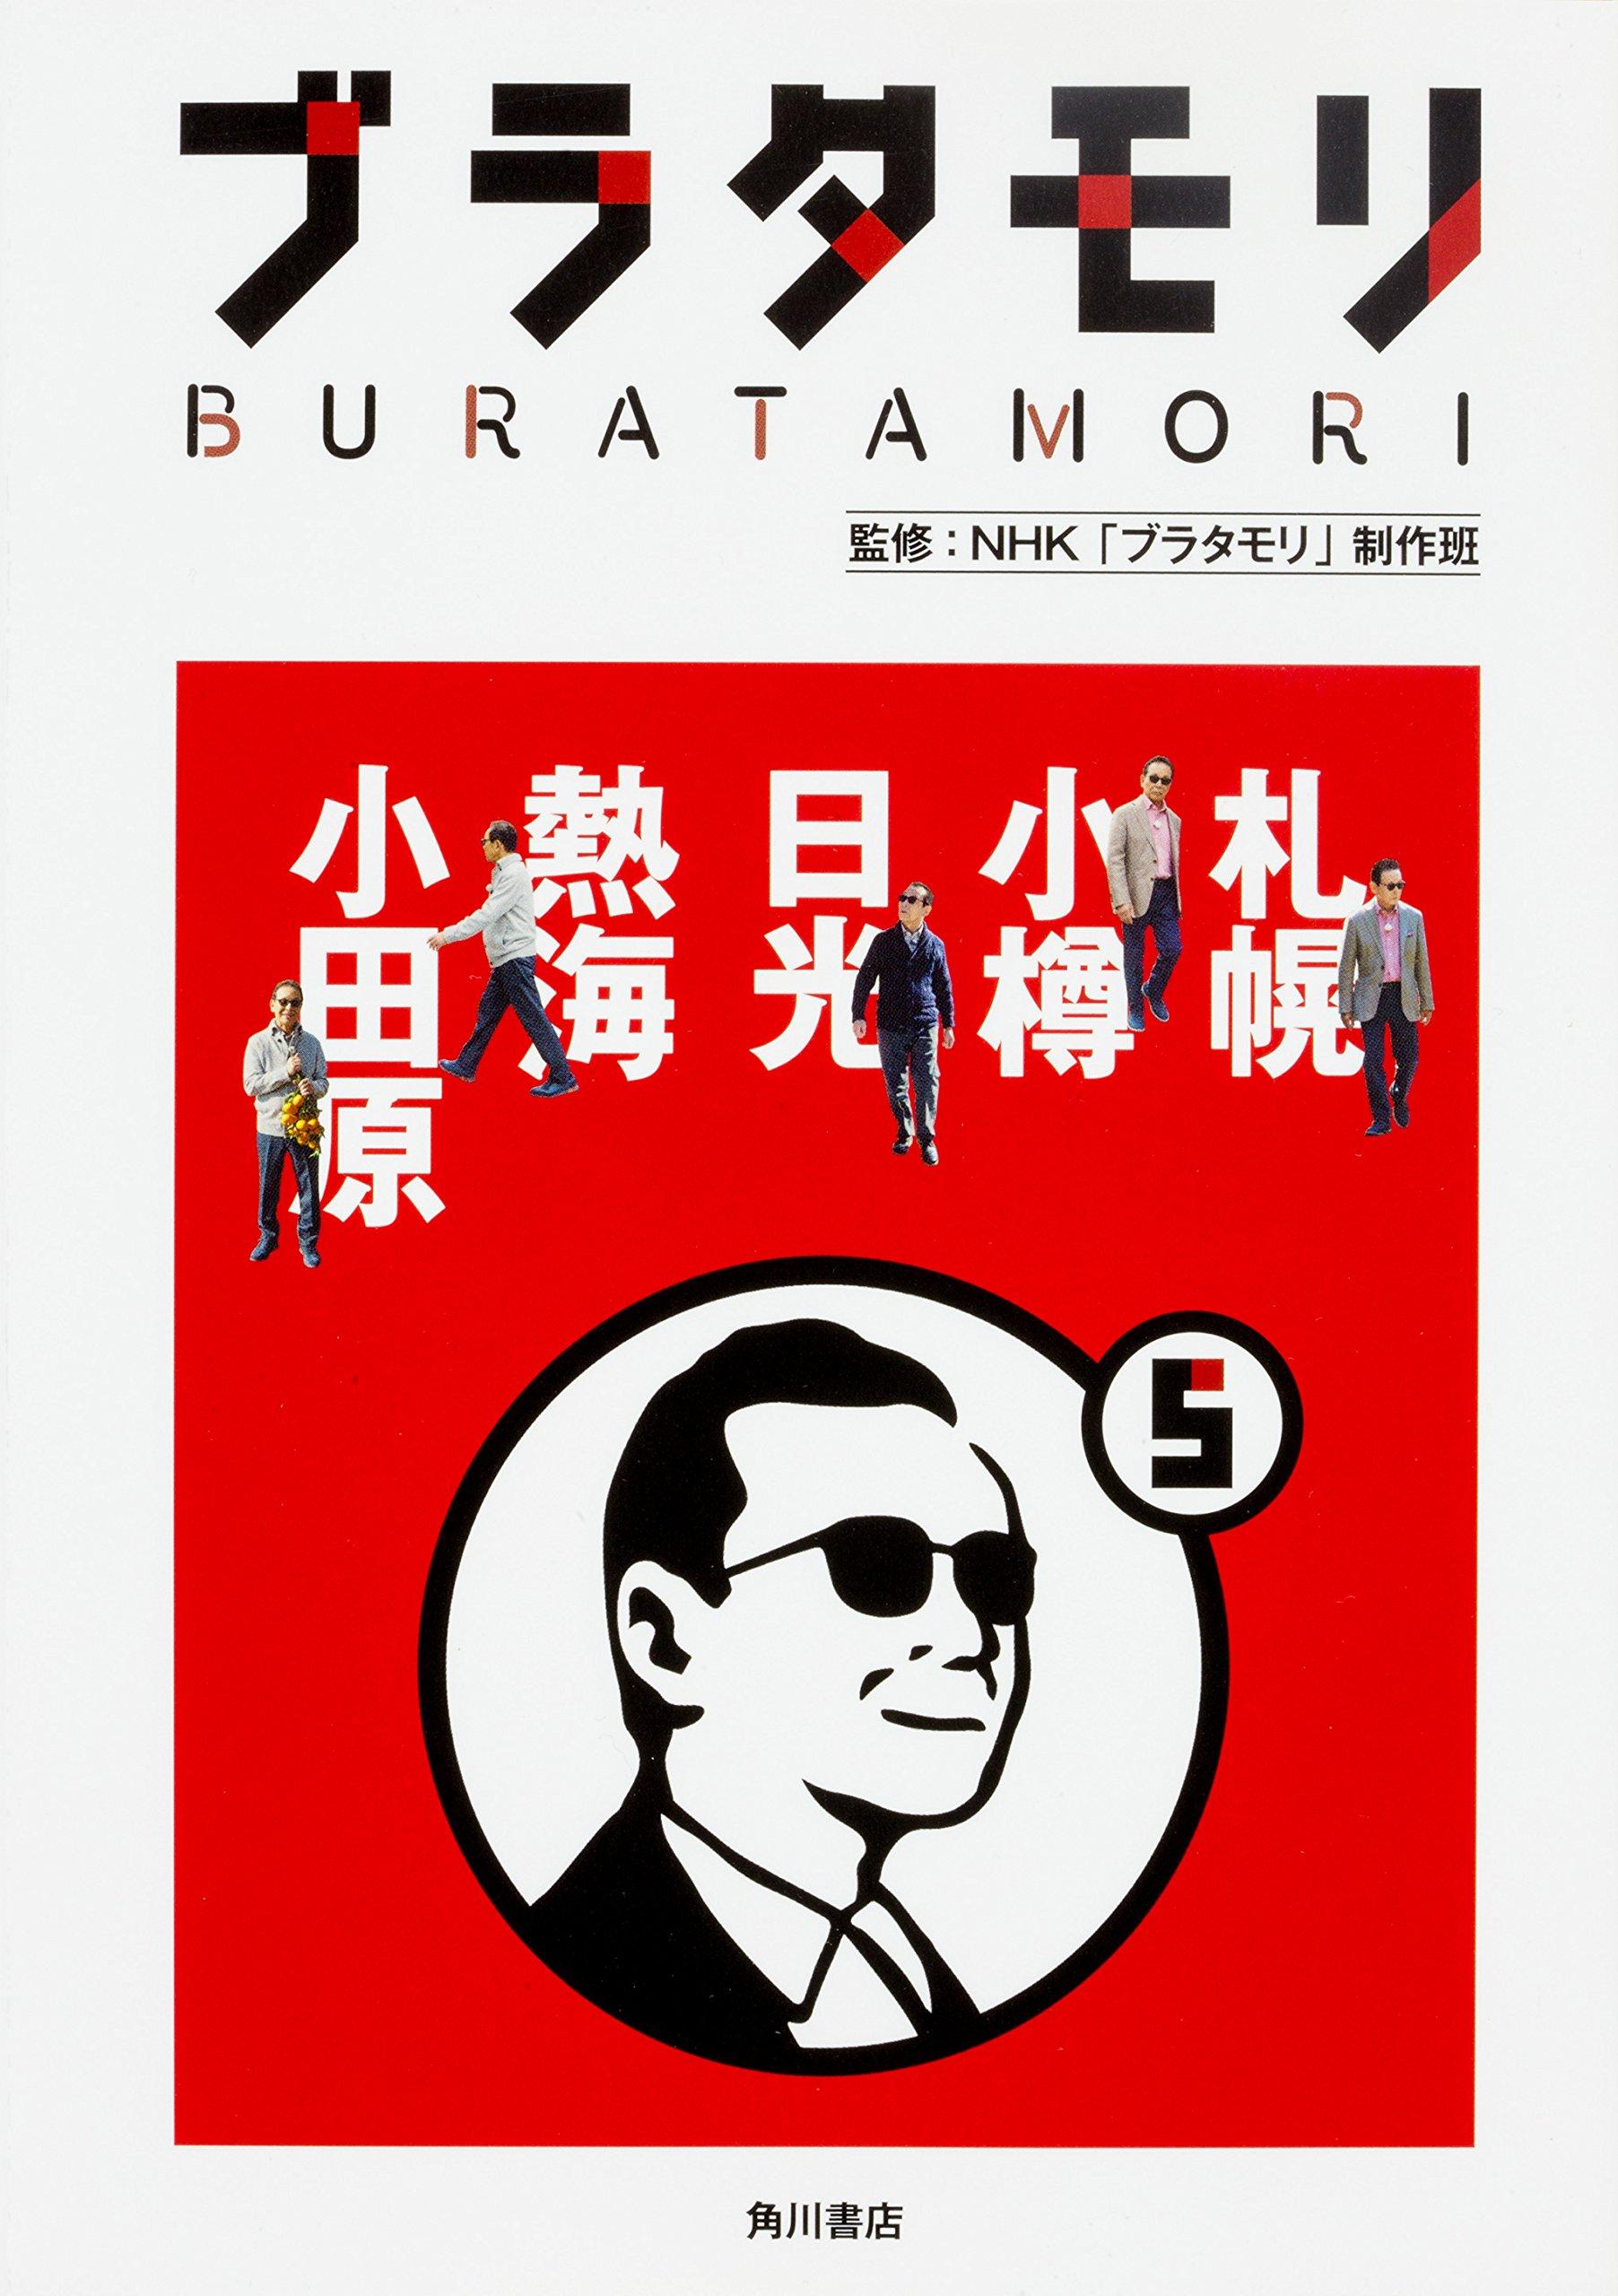 【書籍】ブラタモリ セット 5巻